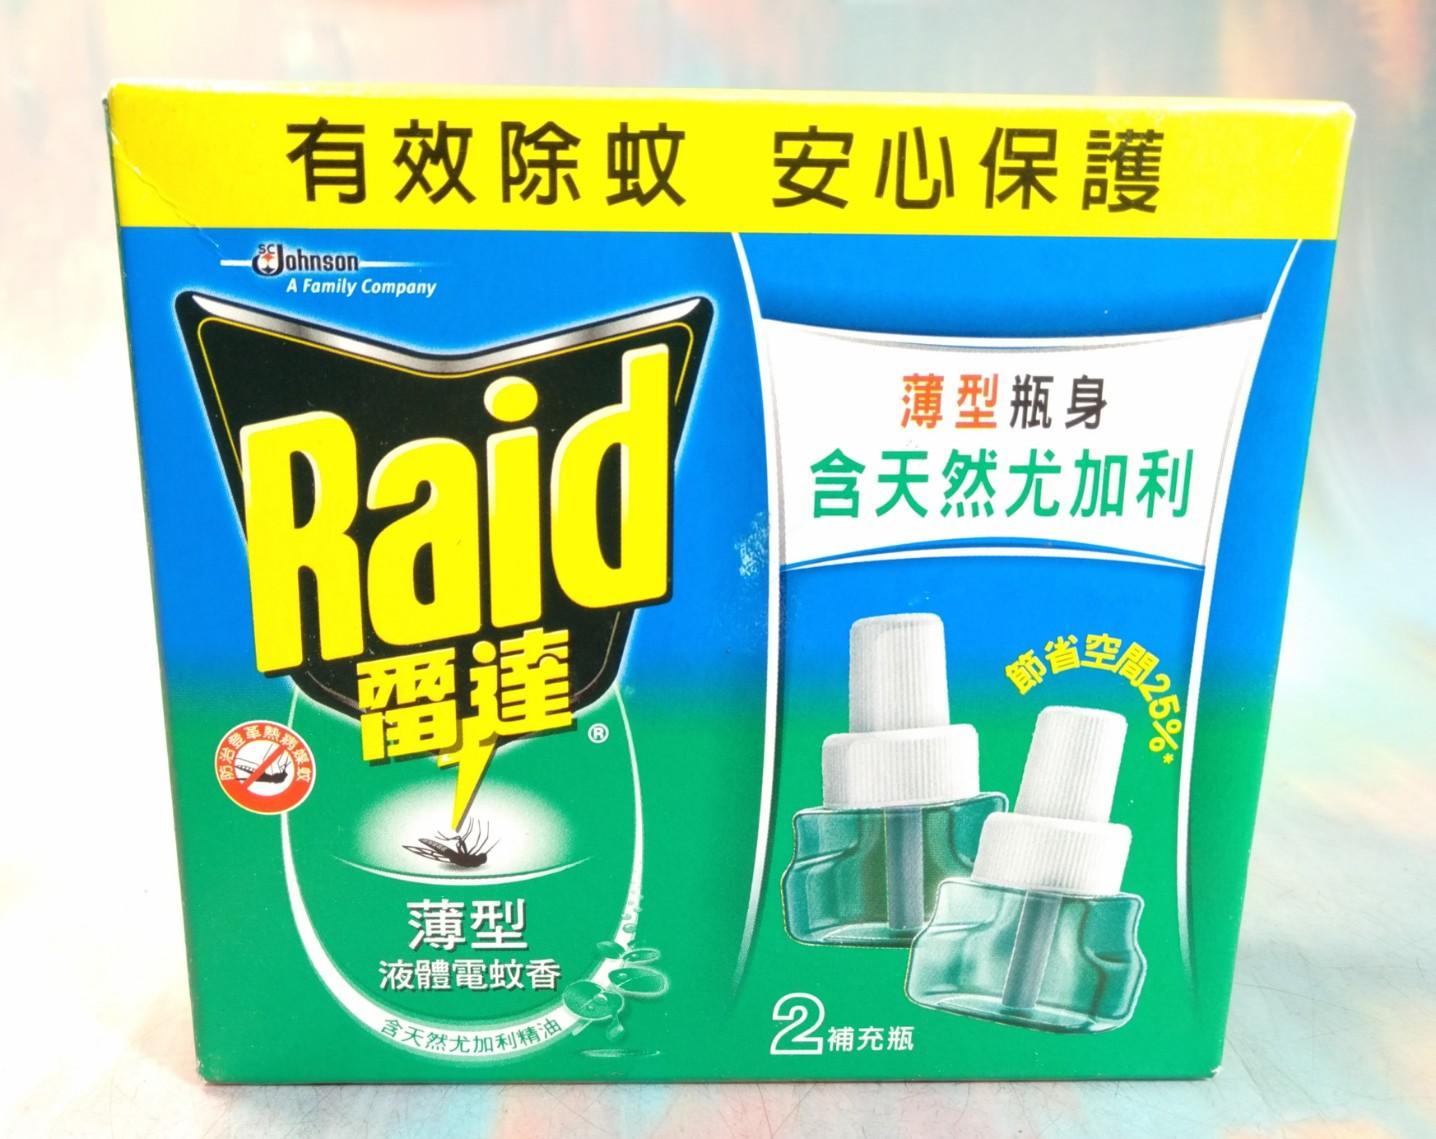 雷達 薄形液體電蚊香-2補充瓶 含天然尤加利【14434212】電蚊香液 驅蚊 居家用品《八八八e網購 0